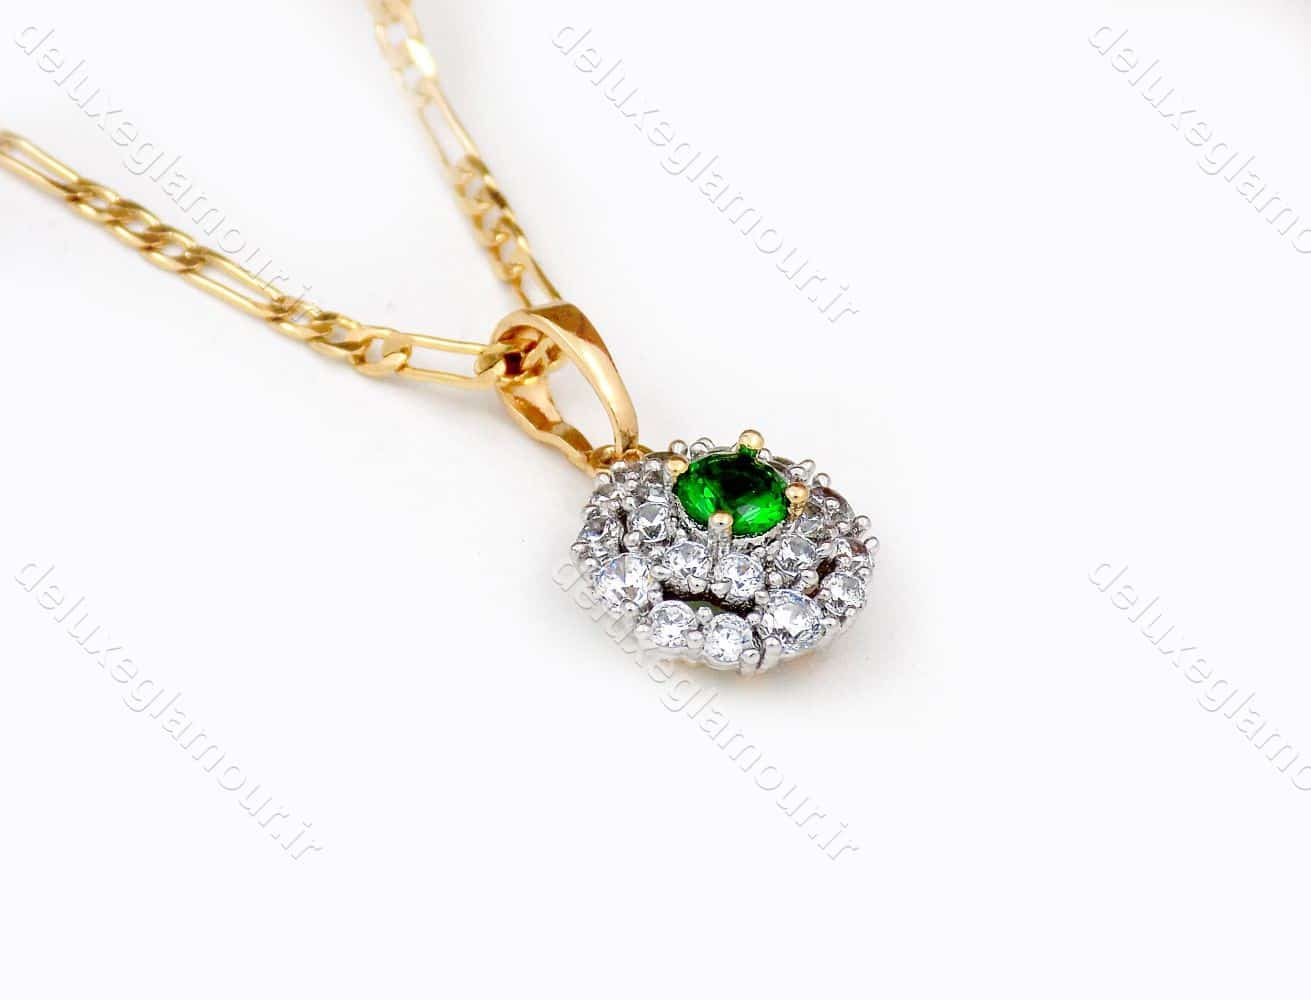 گردنبند دخترانه ژوپینگ با نگین کریستالی سبز و سفید از جنس زیرکونیا nw-n140